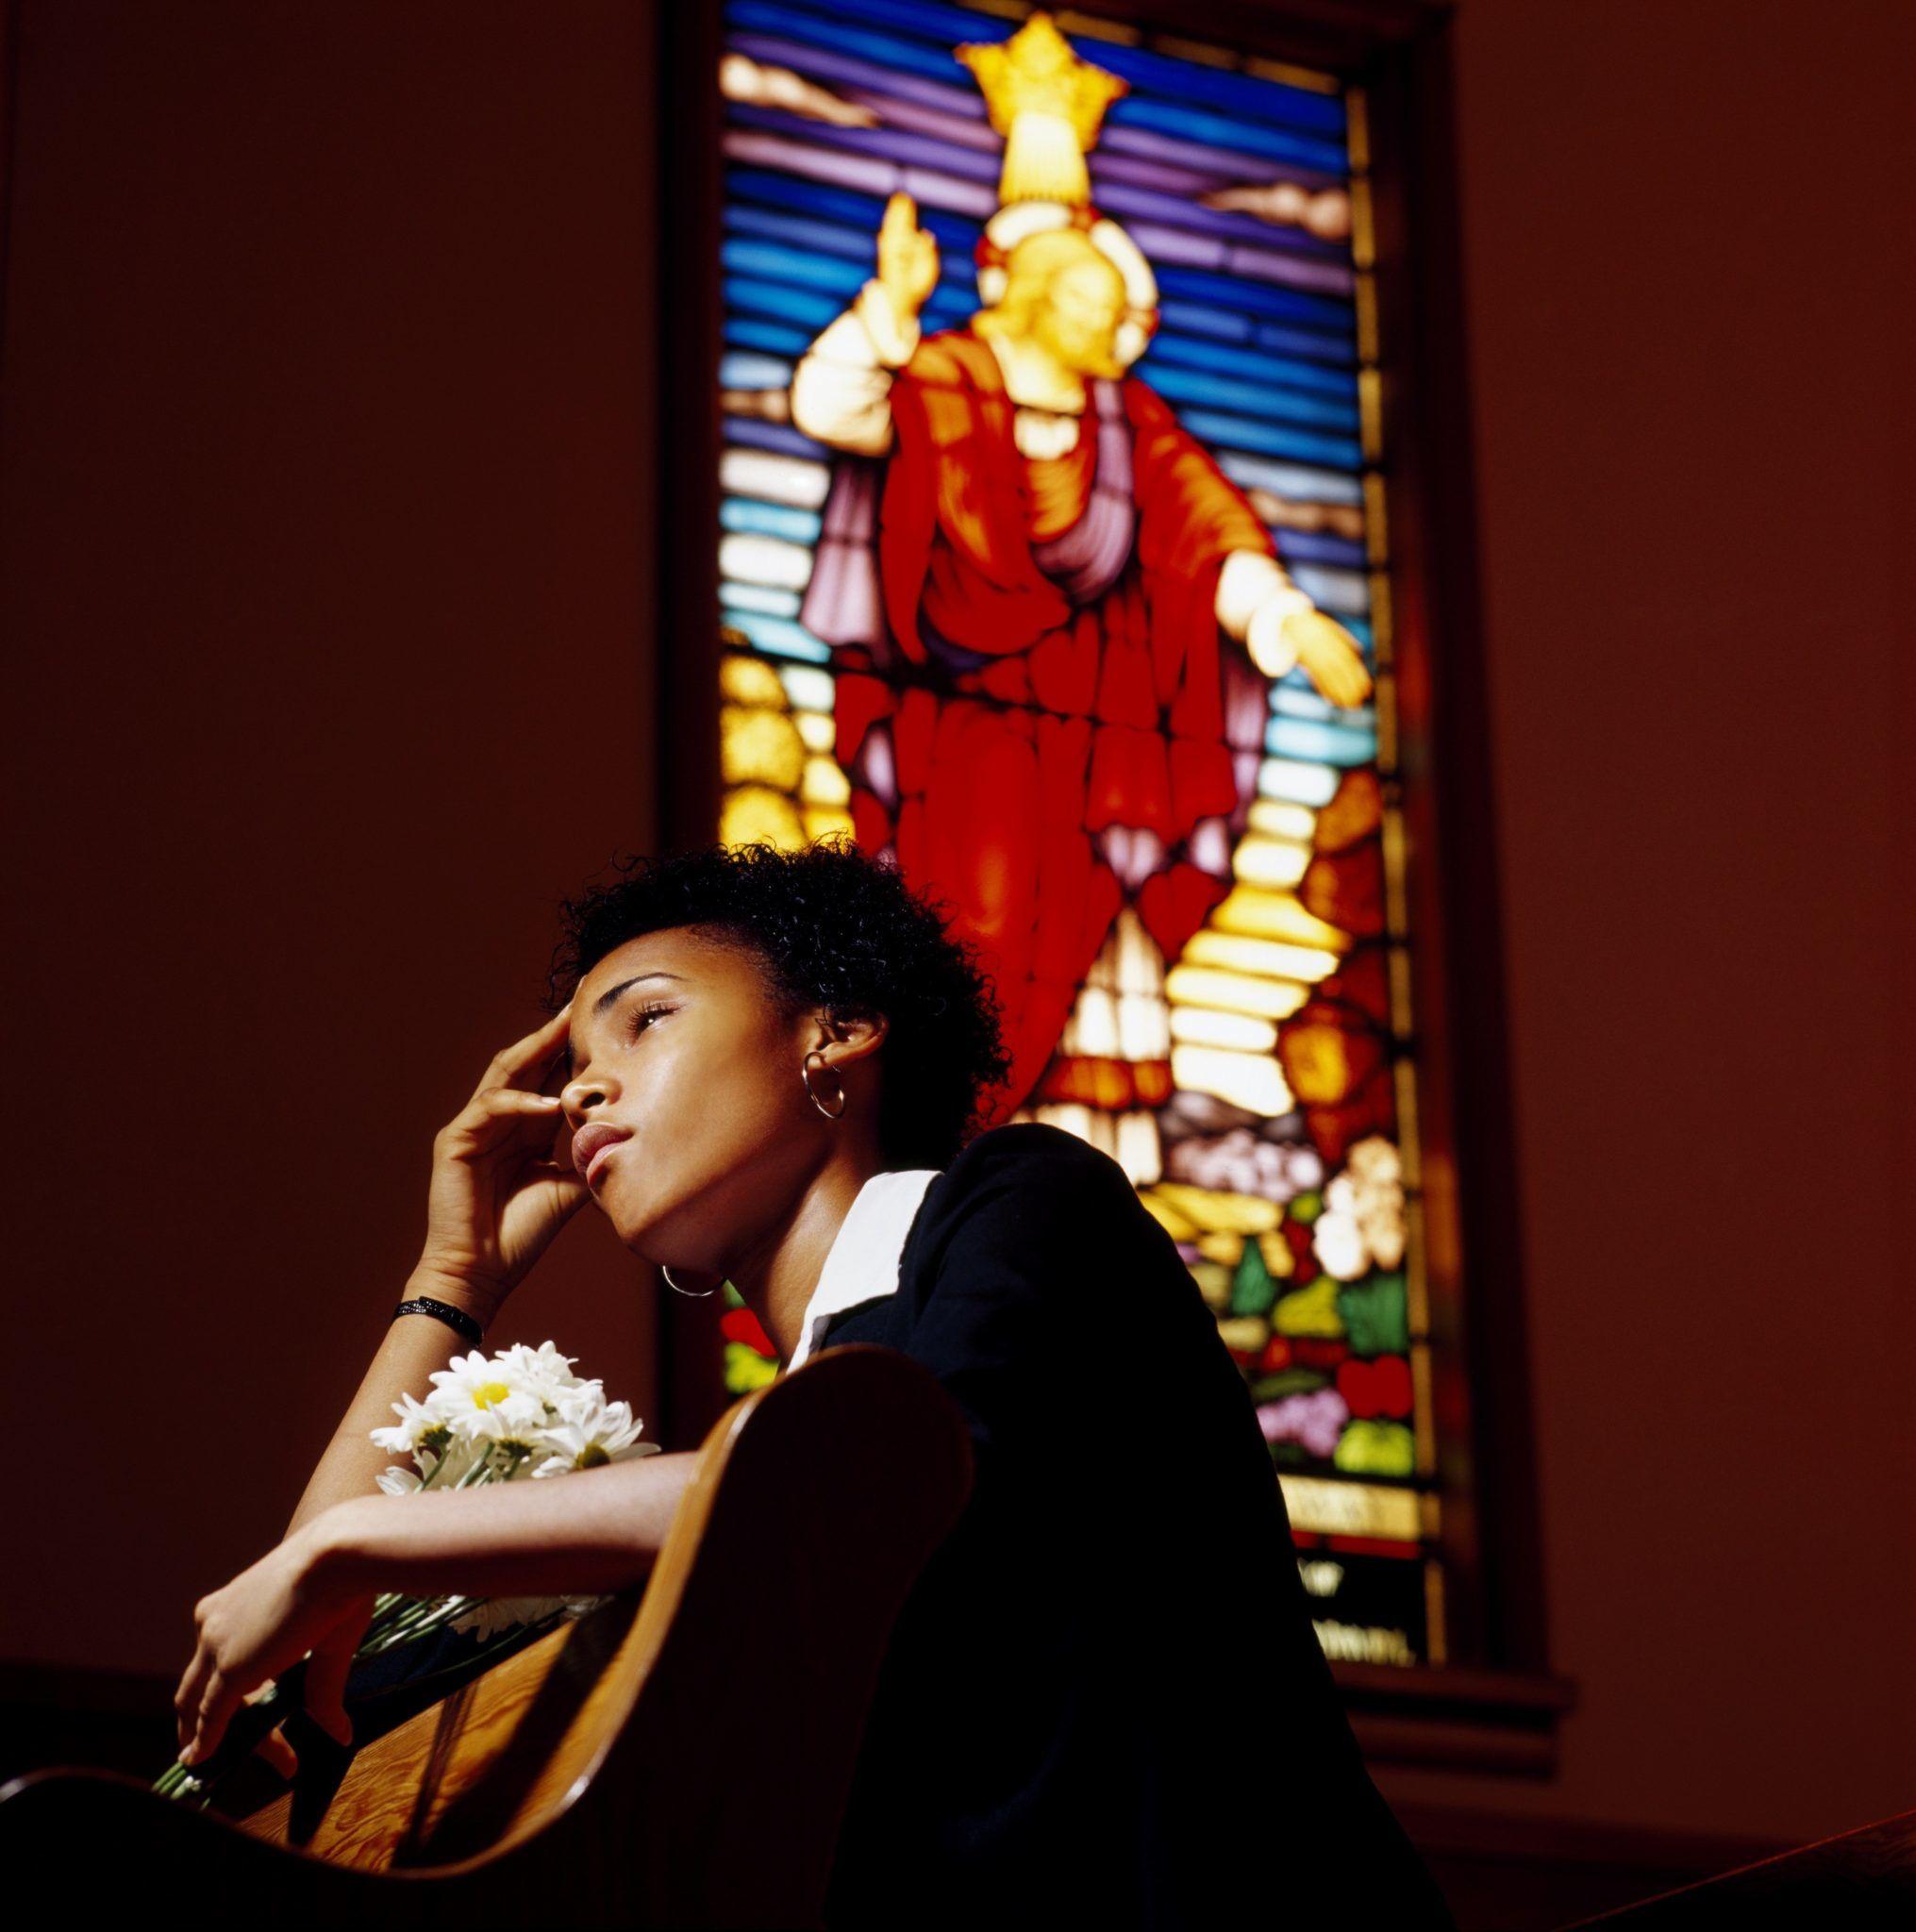 7206708 – a sad woman in a church